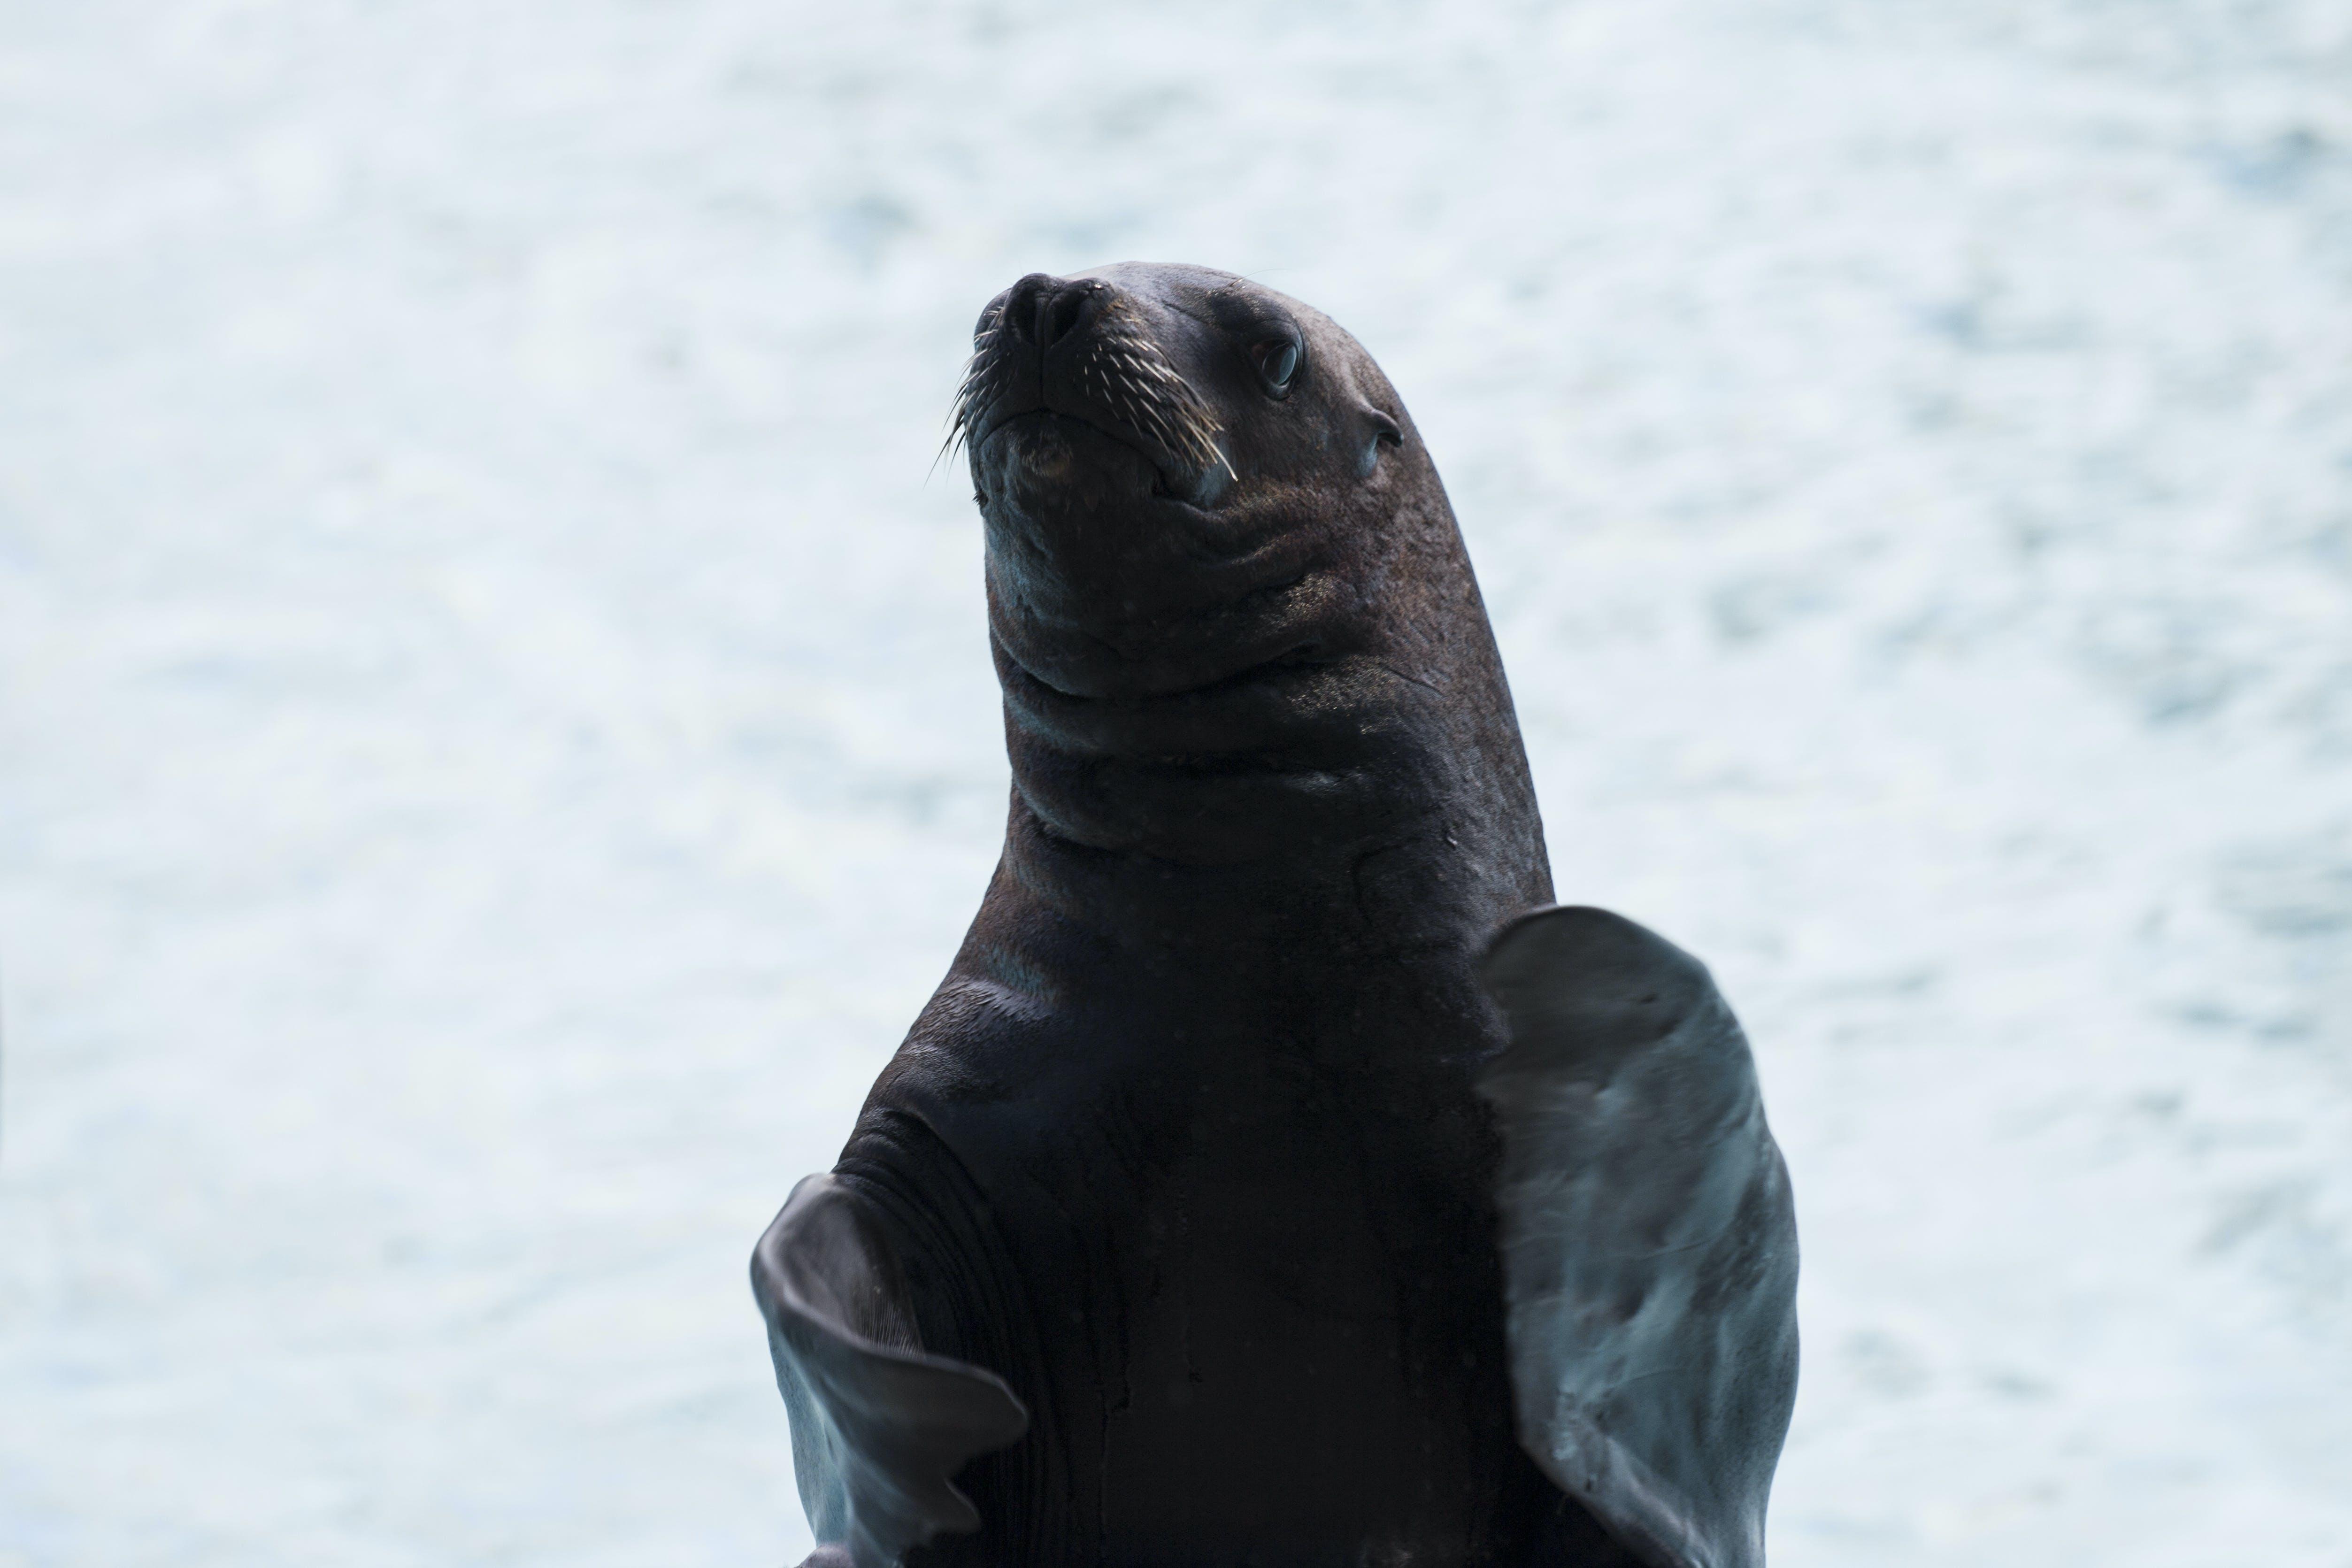 물개, 바다표범의 무료 스톡 사진